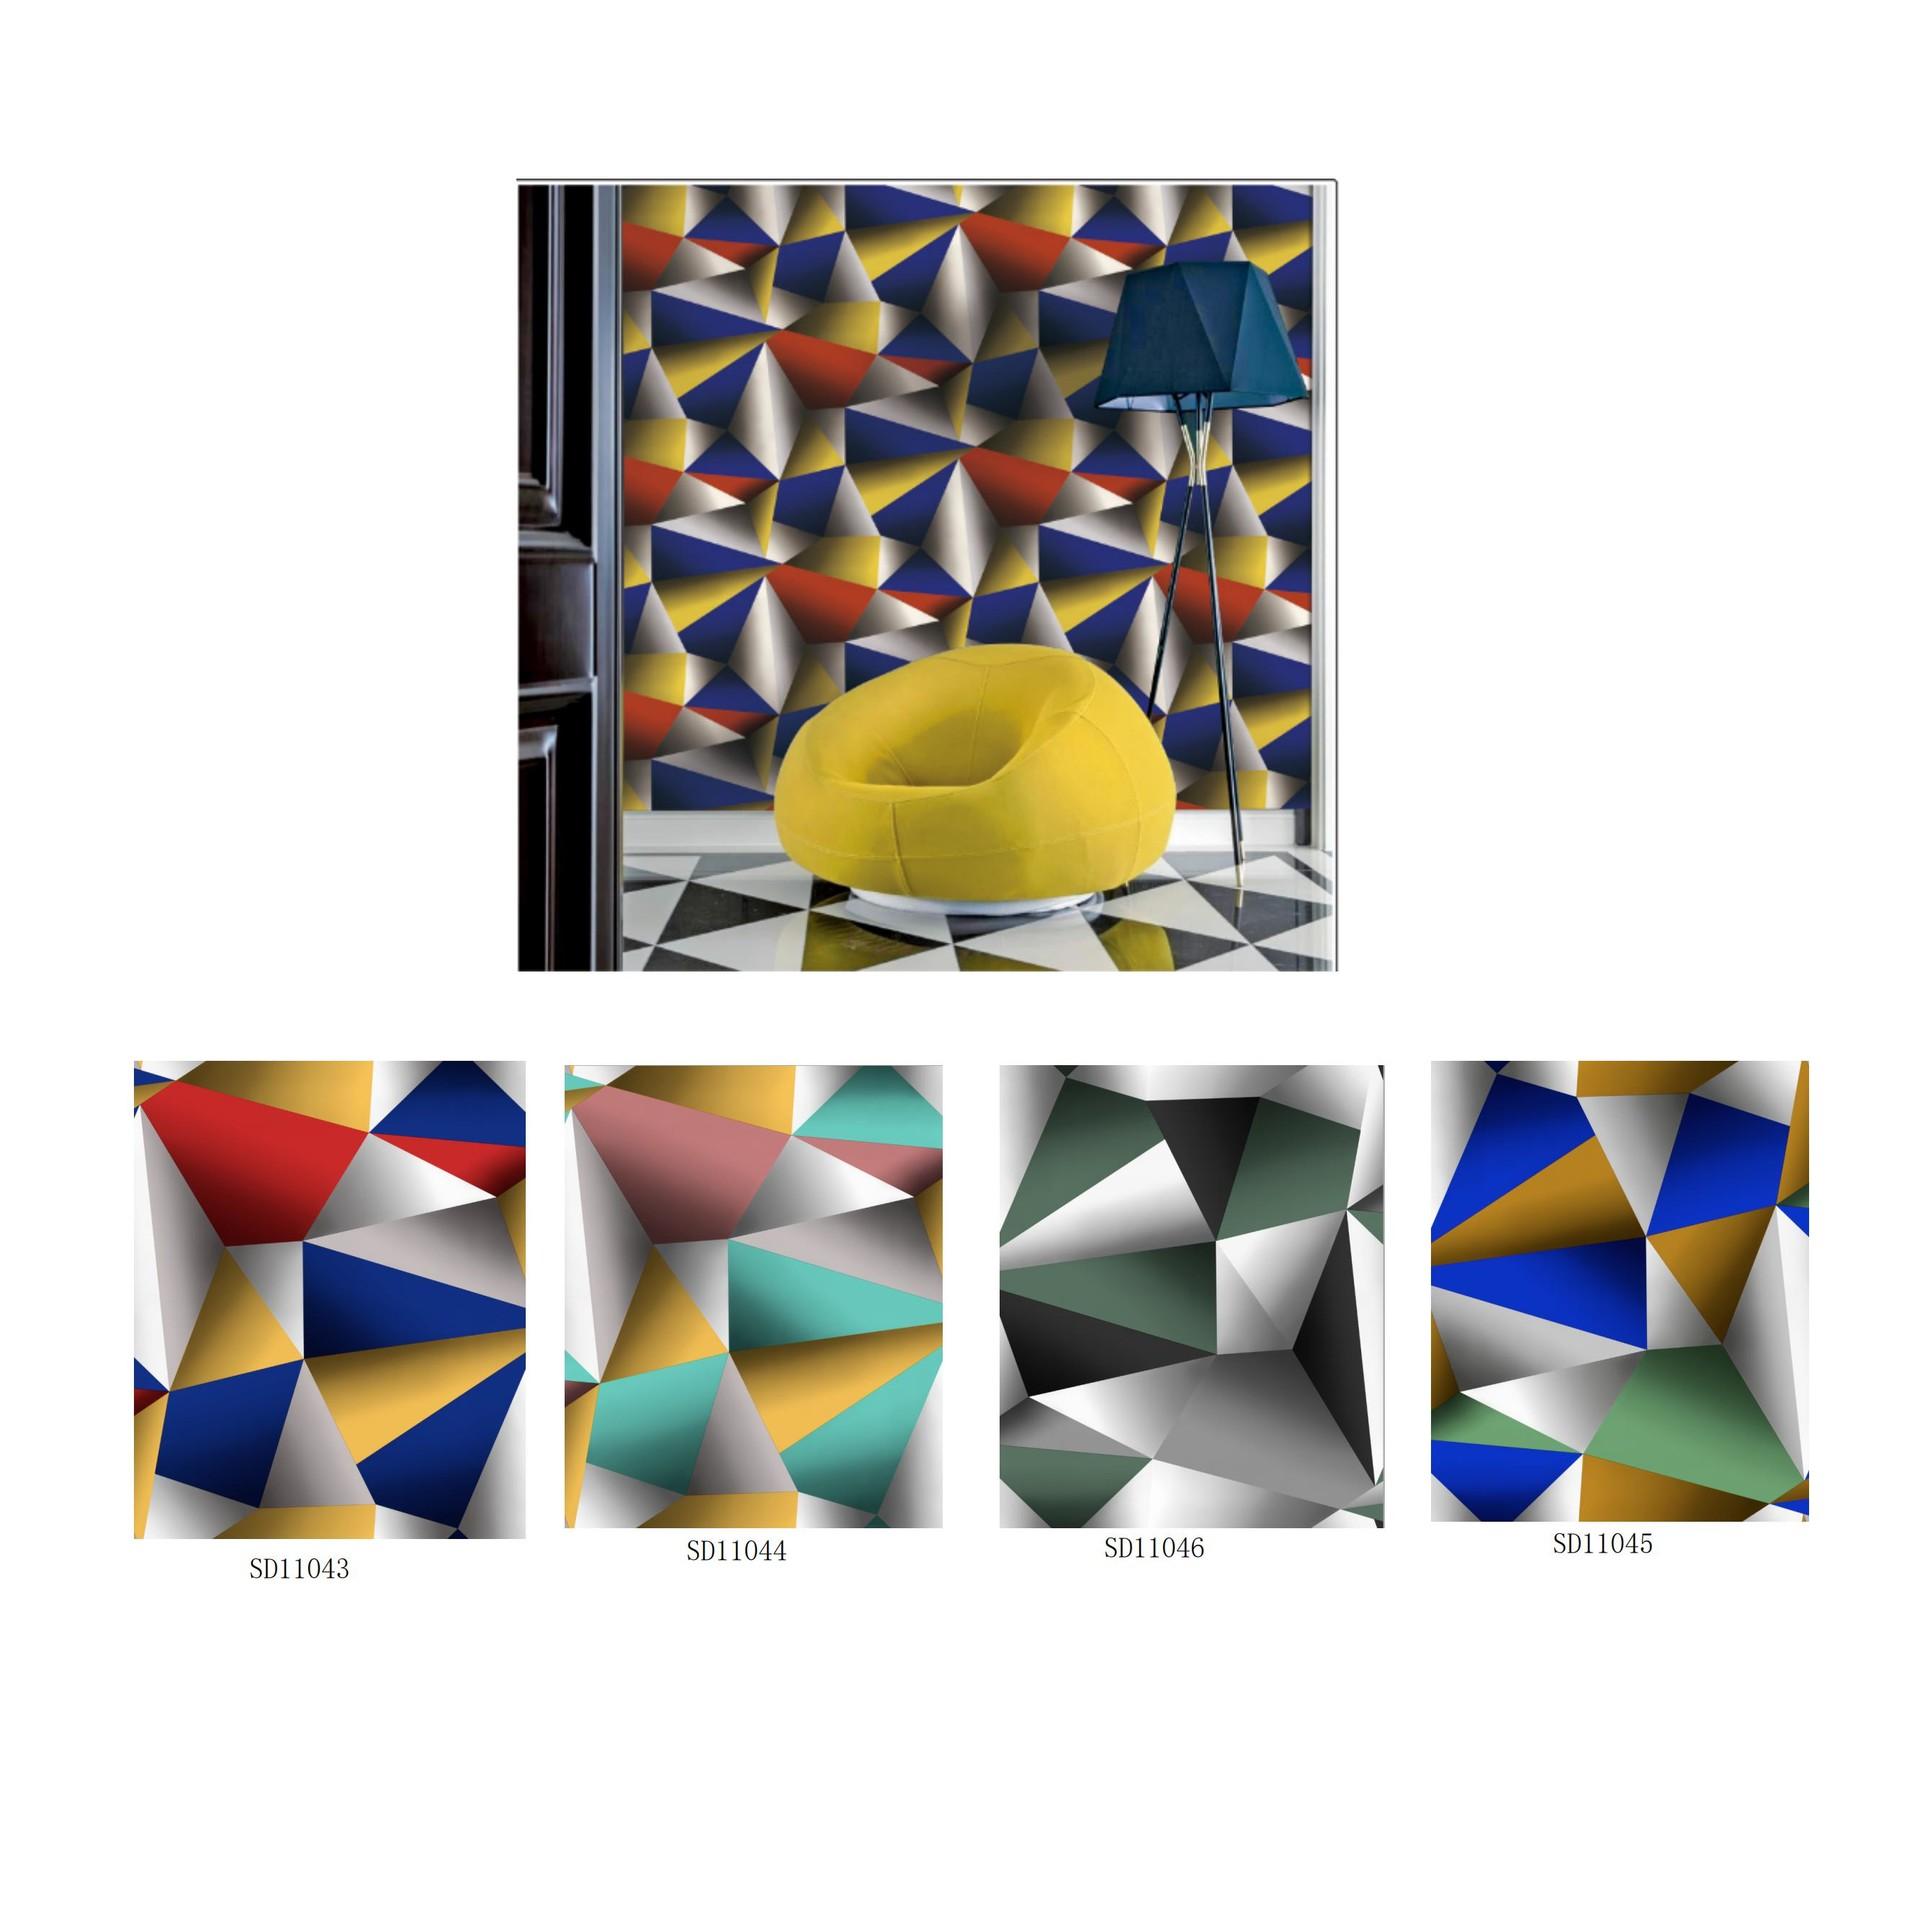 Longlife interior 3D geometric figure wallpaper printed paper